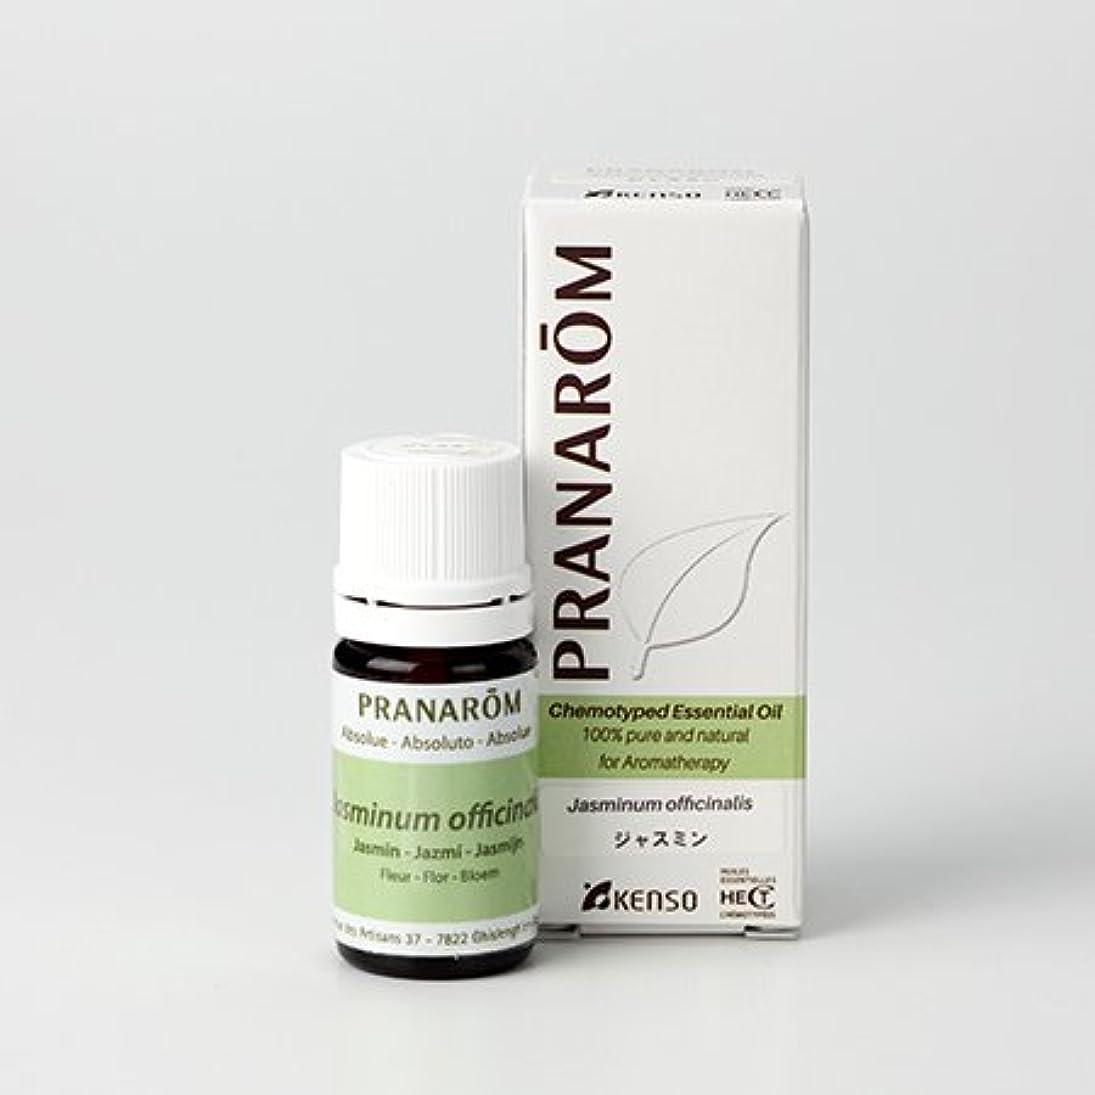 吸う資本主義ポーン【ジャスミン 5ml】→優雅で甘美な香り?(フローラル系)[PRANAROM(プラナロム)精油/アロマオイル/エッセンシャルオイル]P-93